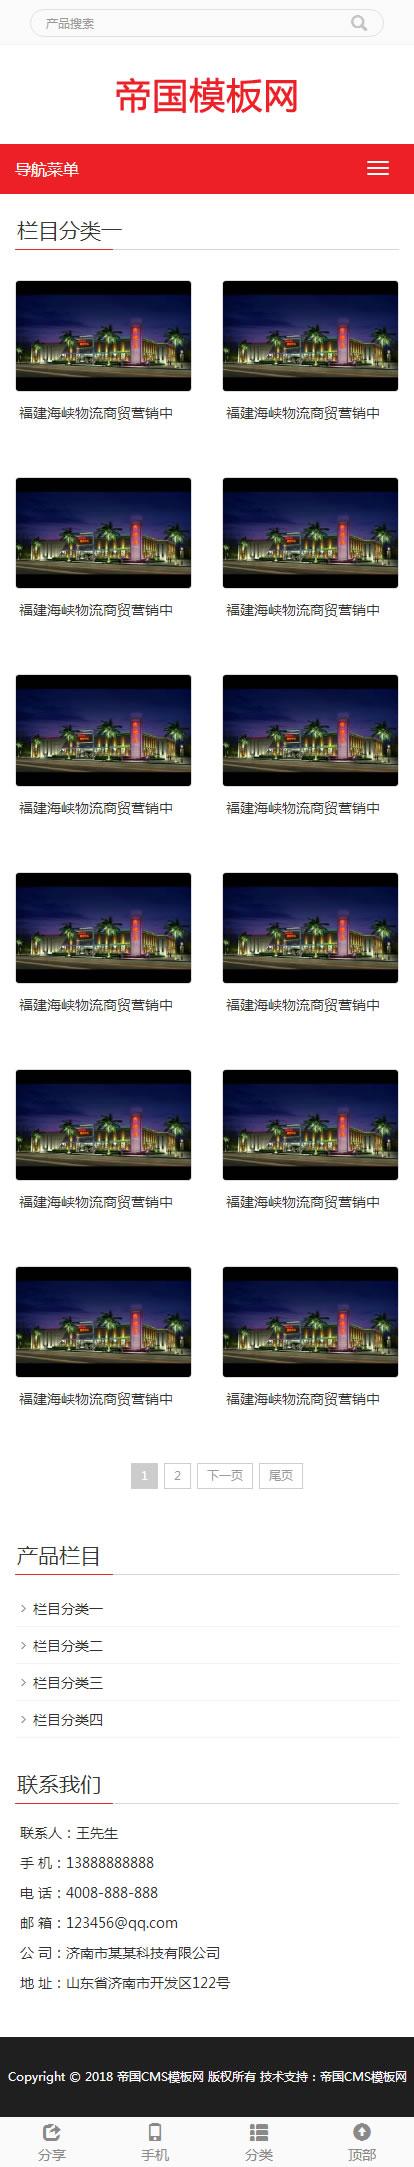 红色大气帝国cms自适应手机版公司企业网站模板_手机图片列表